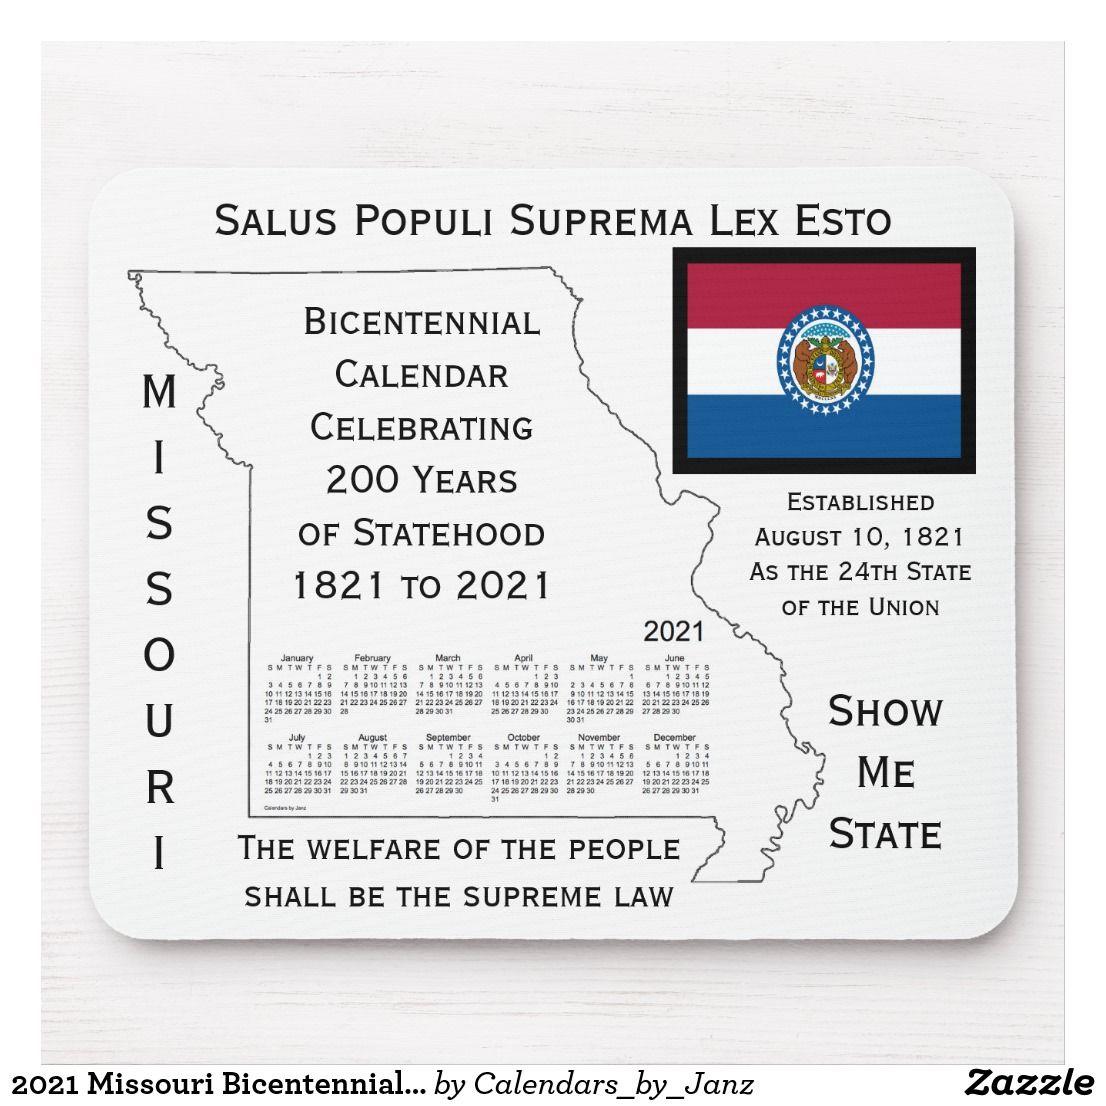 2021 Missouri Bicentennial Calendar by Janz Mouse Pad